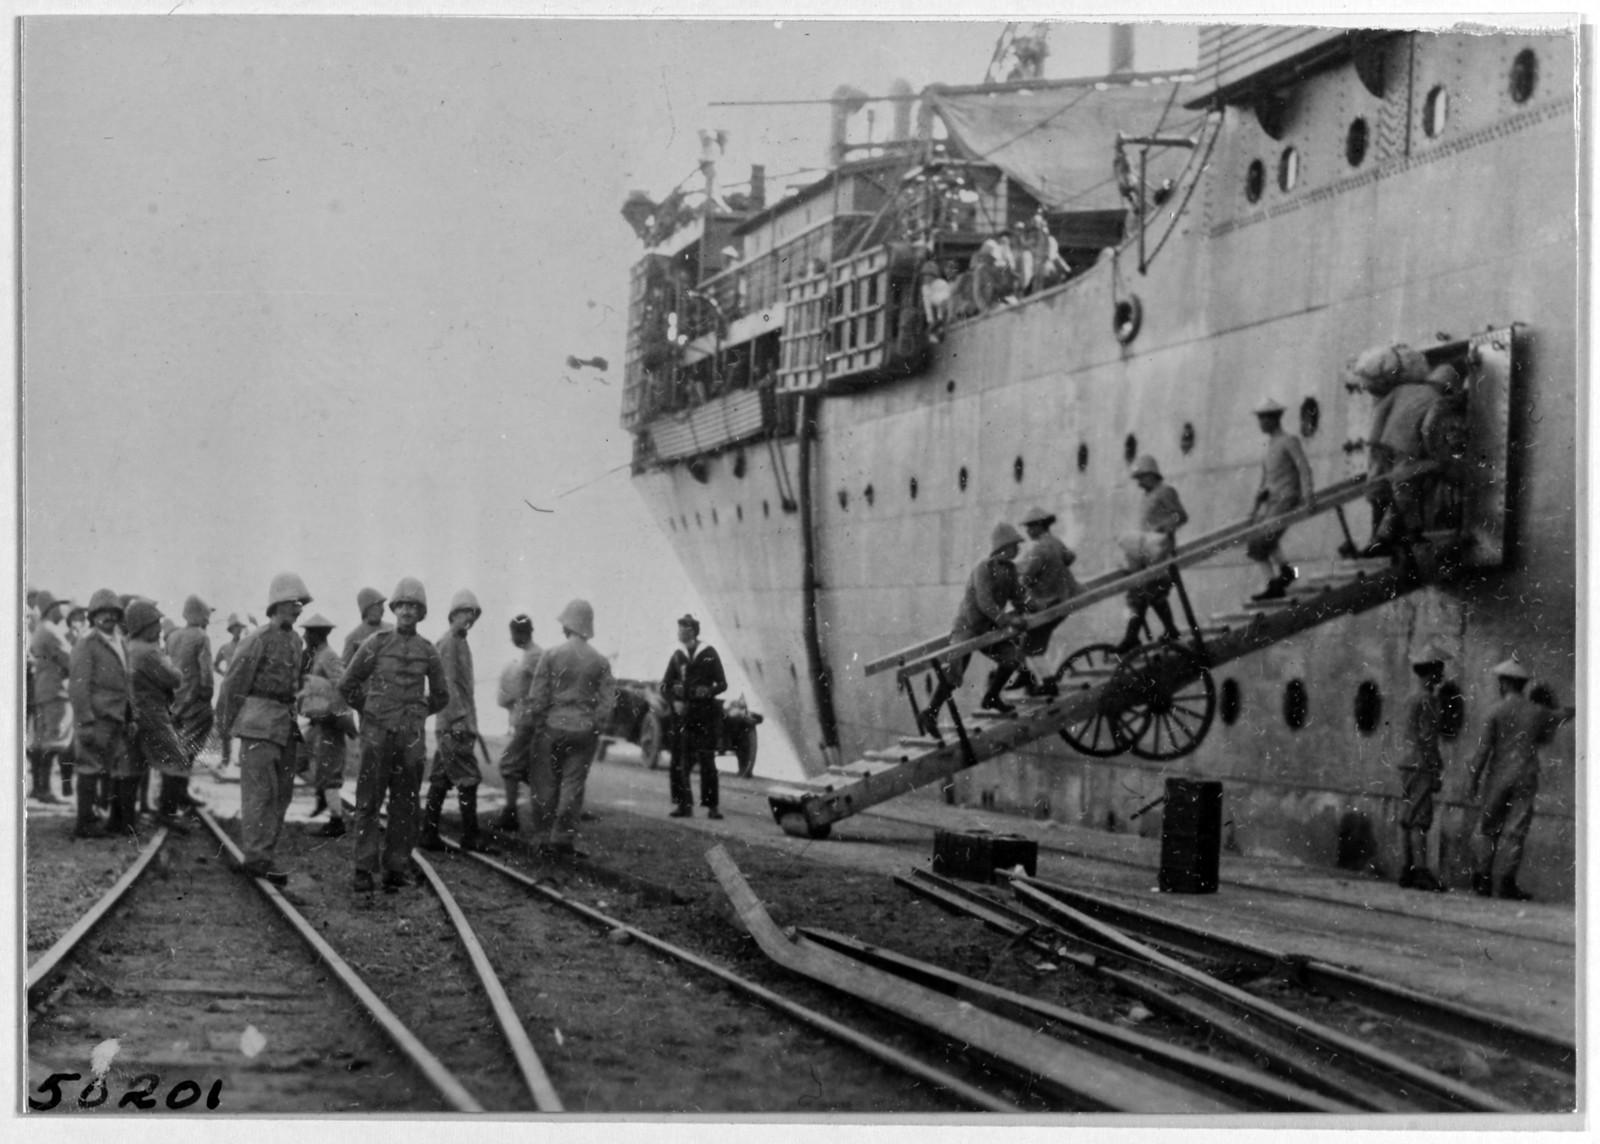 1919. Британские войска из Индии, прибывшие в Владивосток